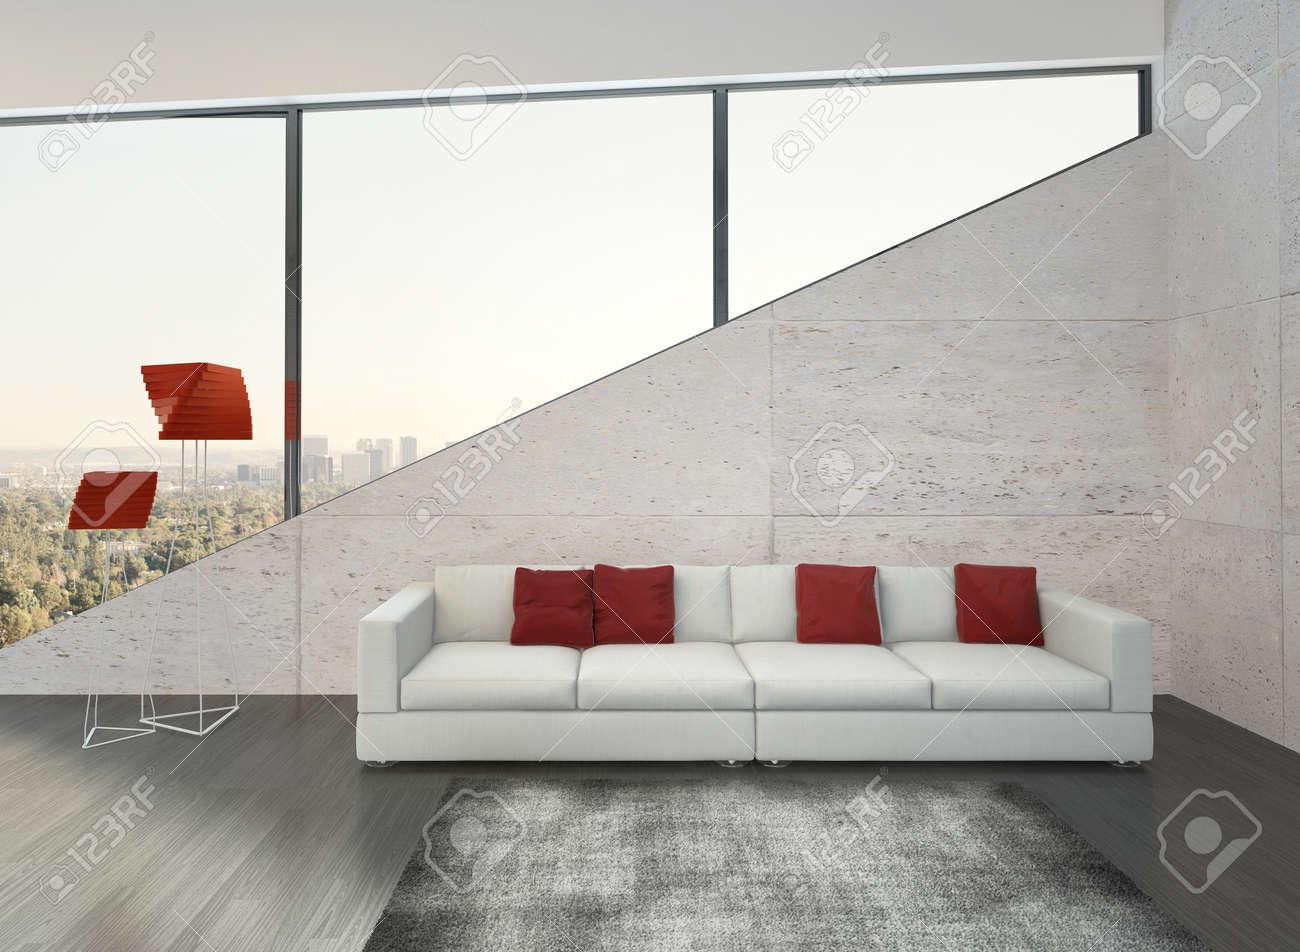 Moderne Wohnzimmer Interieur Mit Weißen Couch Mit Roten Kissen  Standard Bild   28747060